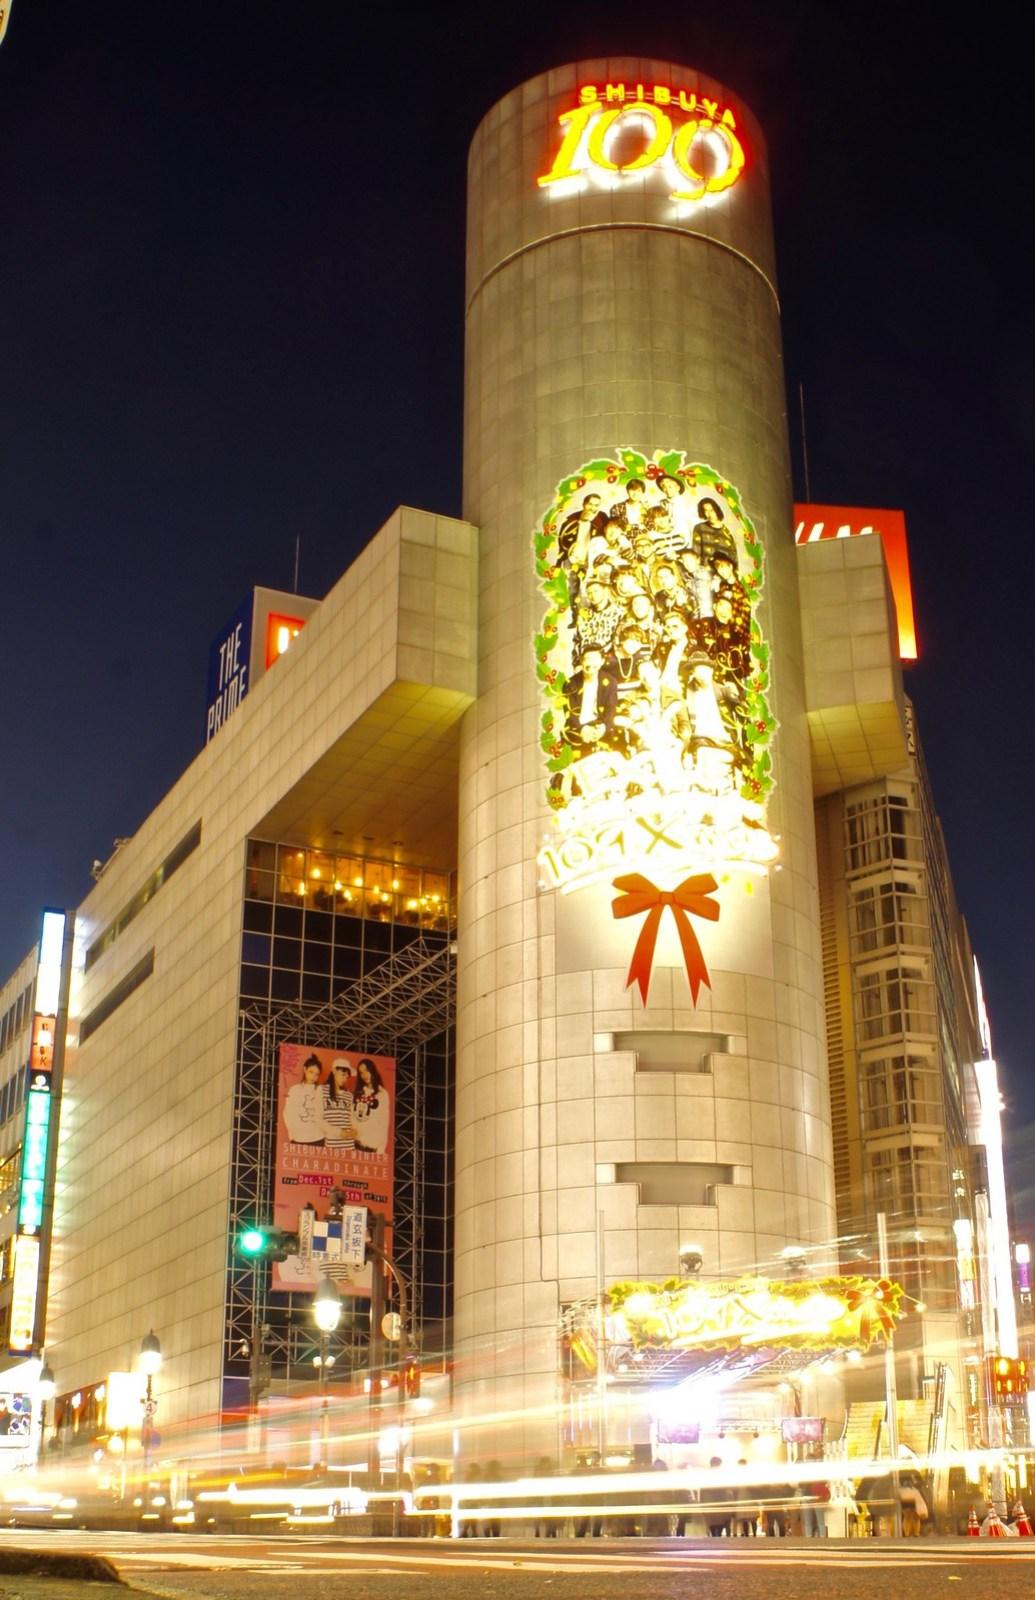 Shibuya 109 Christmas